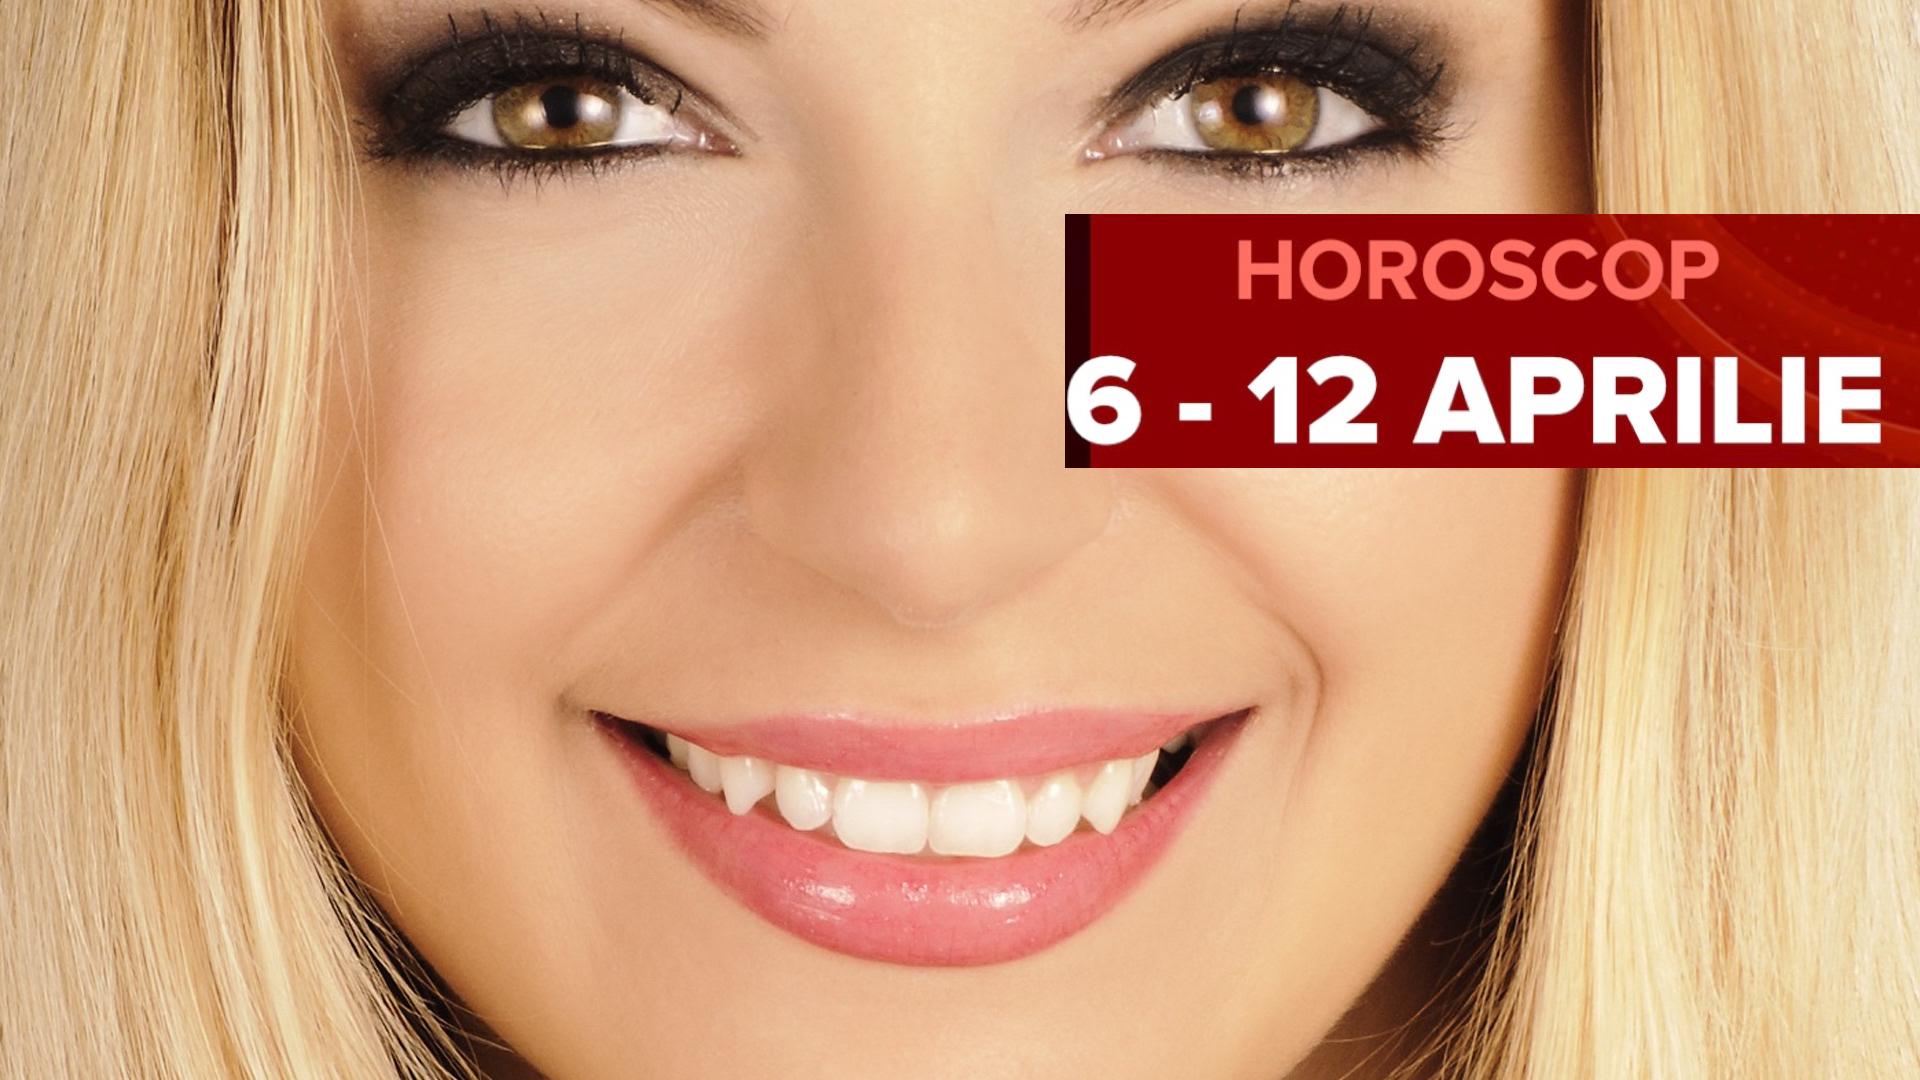 Horoscopul săptămânii